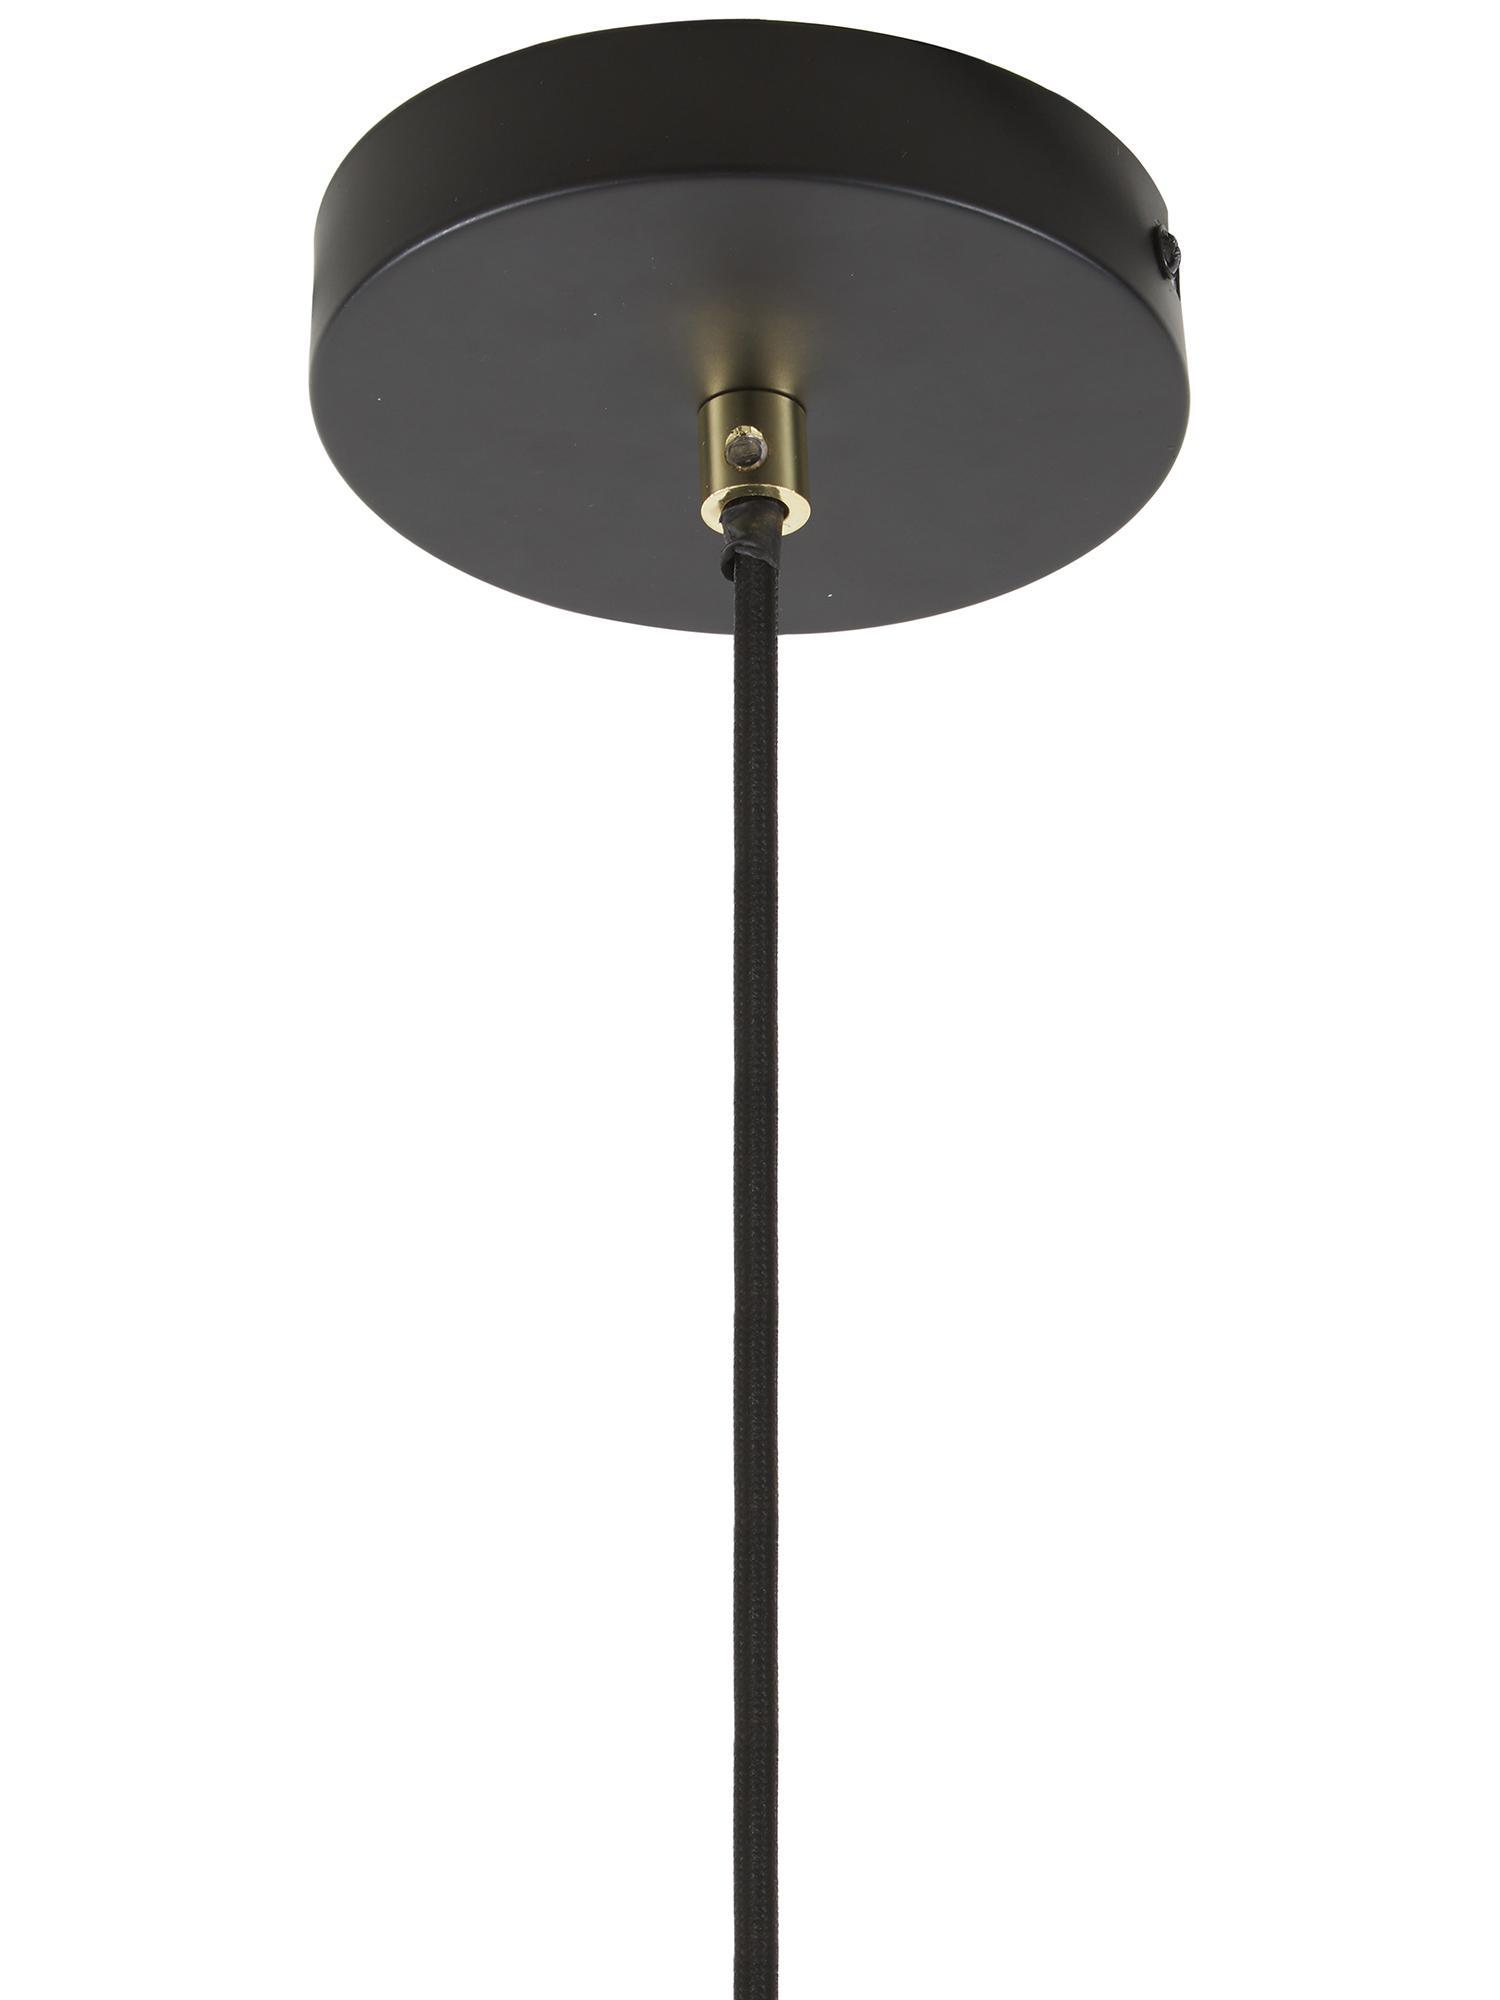 Pendelleuchte Wilma aus Metall, Lampenschirm: Metall, pulverbeschichtet, Baldachin: Metall, pulverbeschichtet, Dekor: Metall, galvanisiert, Schwarz, Ø 33 x H 25 cm